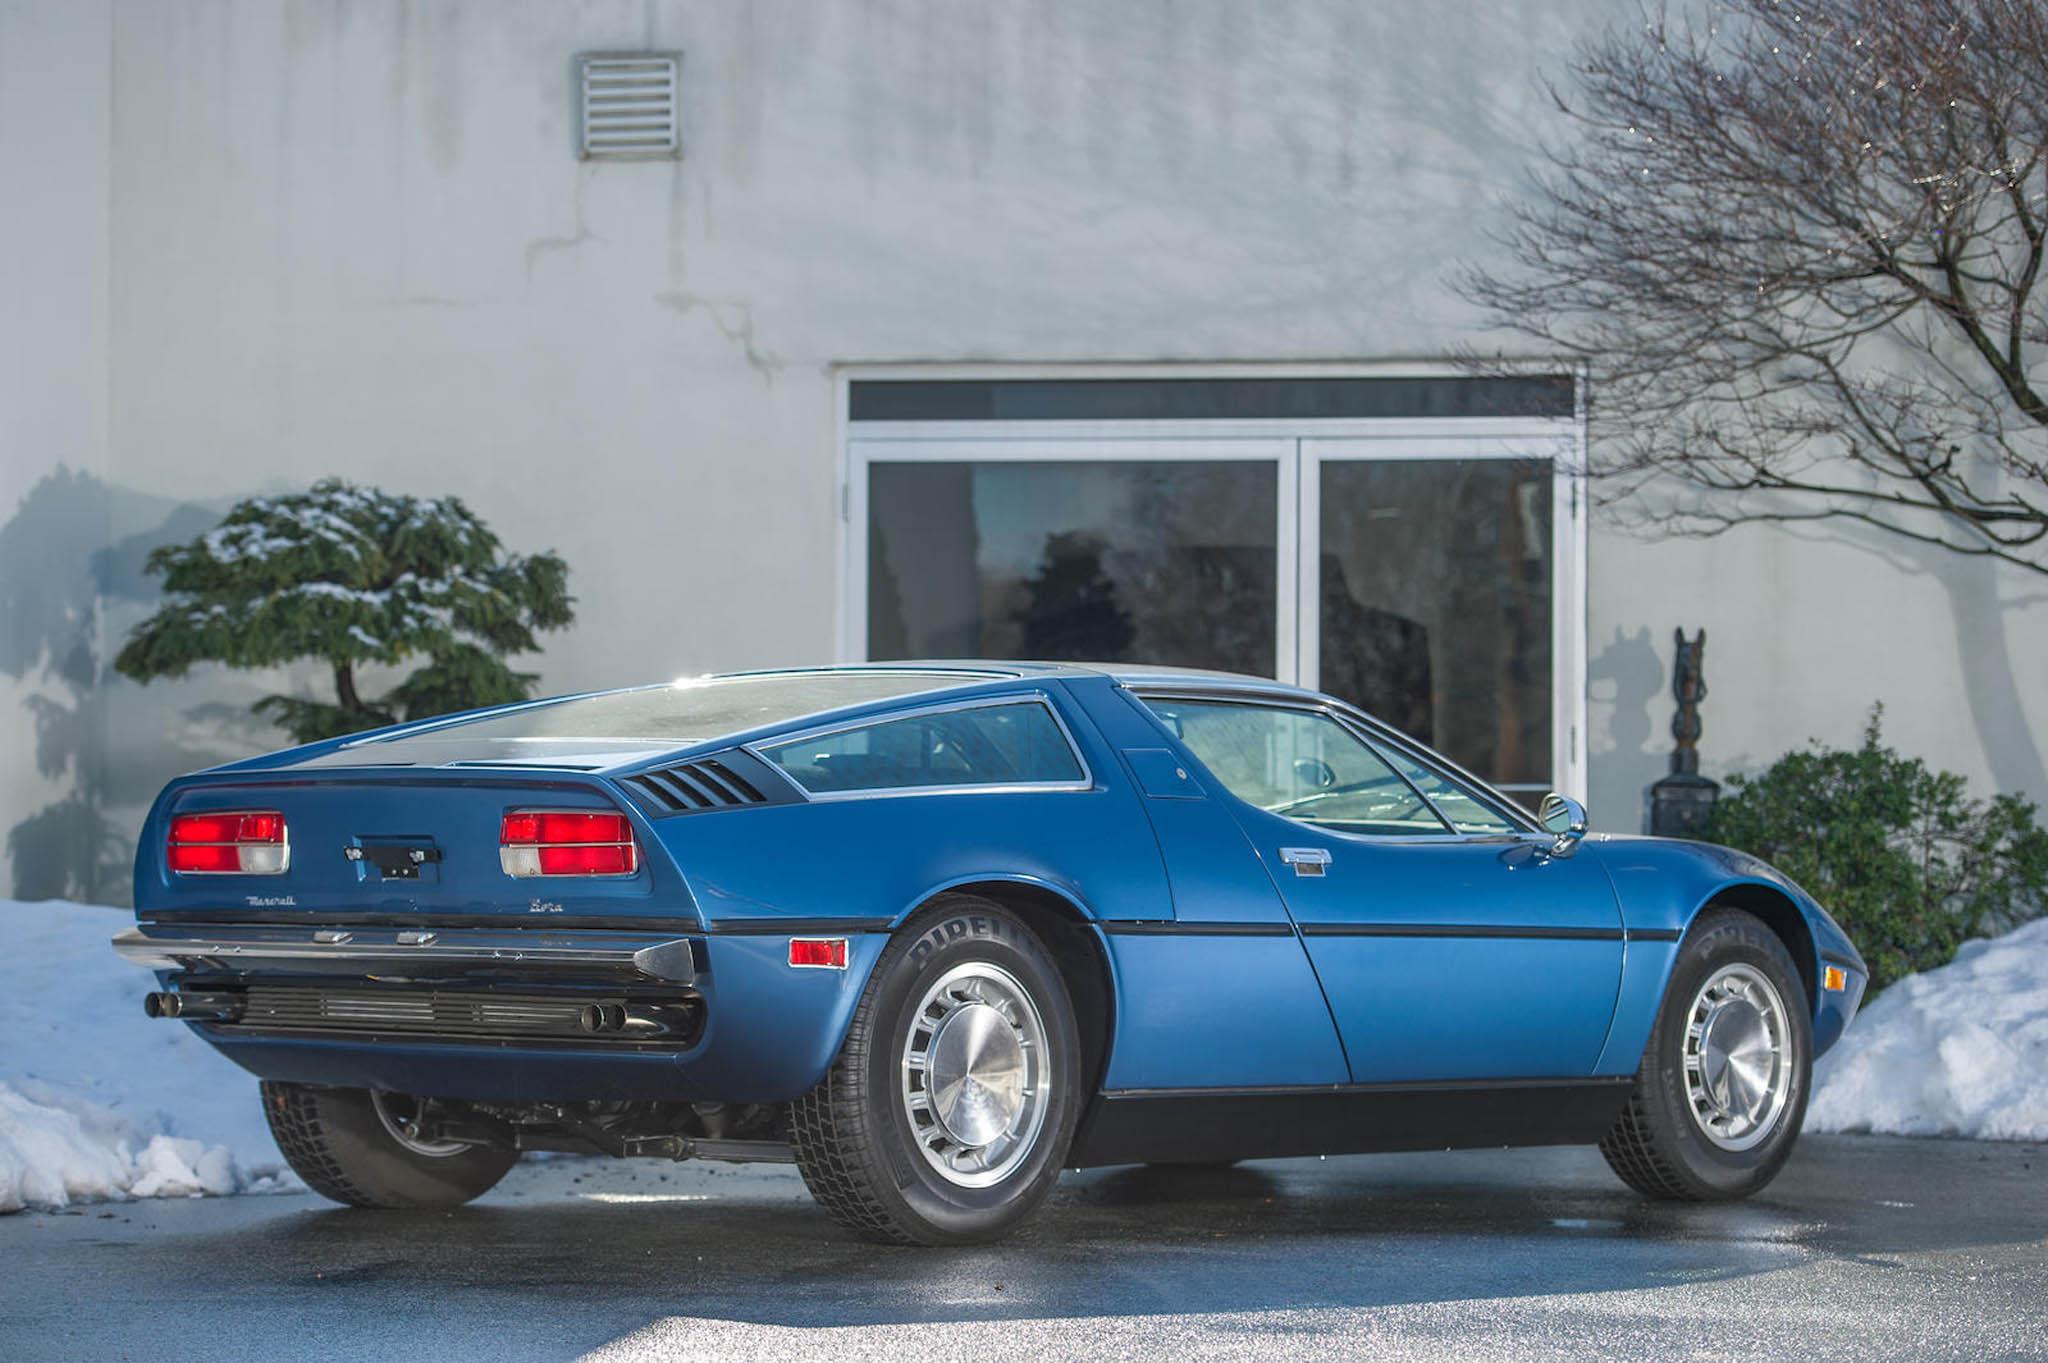 Maserati Bora 1973 - SPRZEDANE - Giełda klasyków